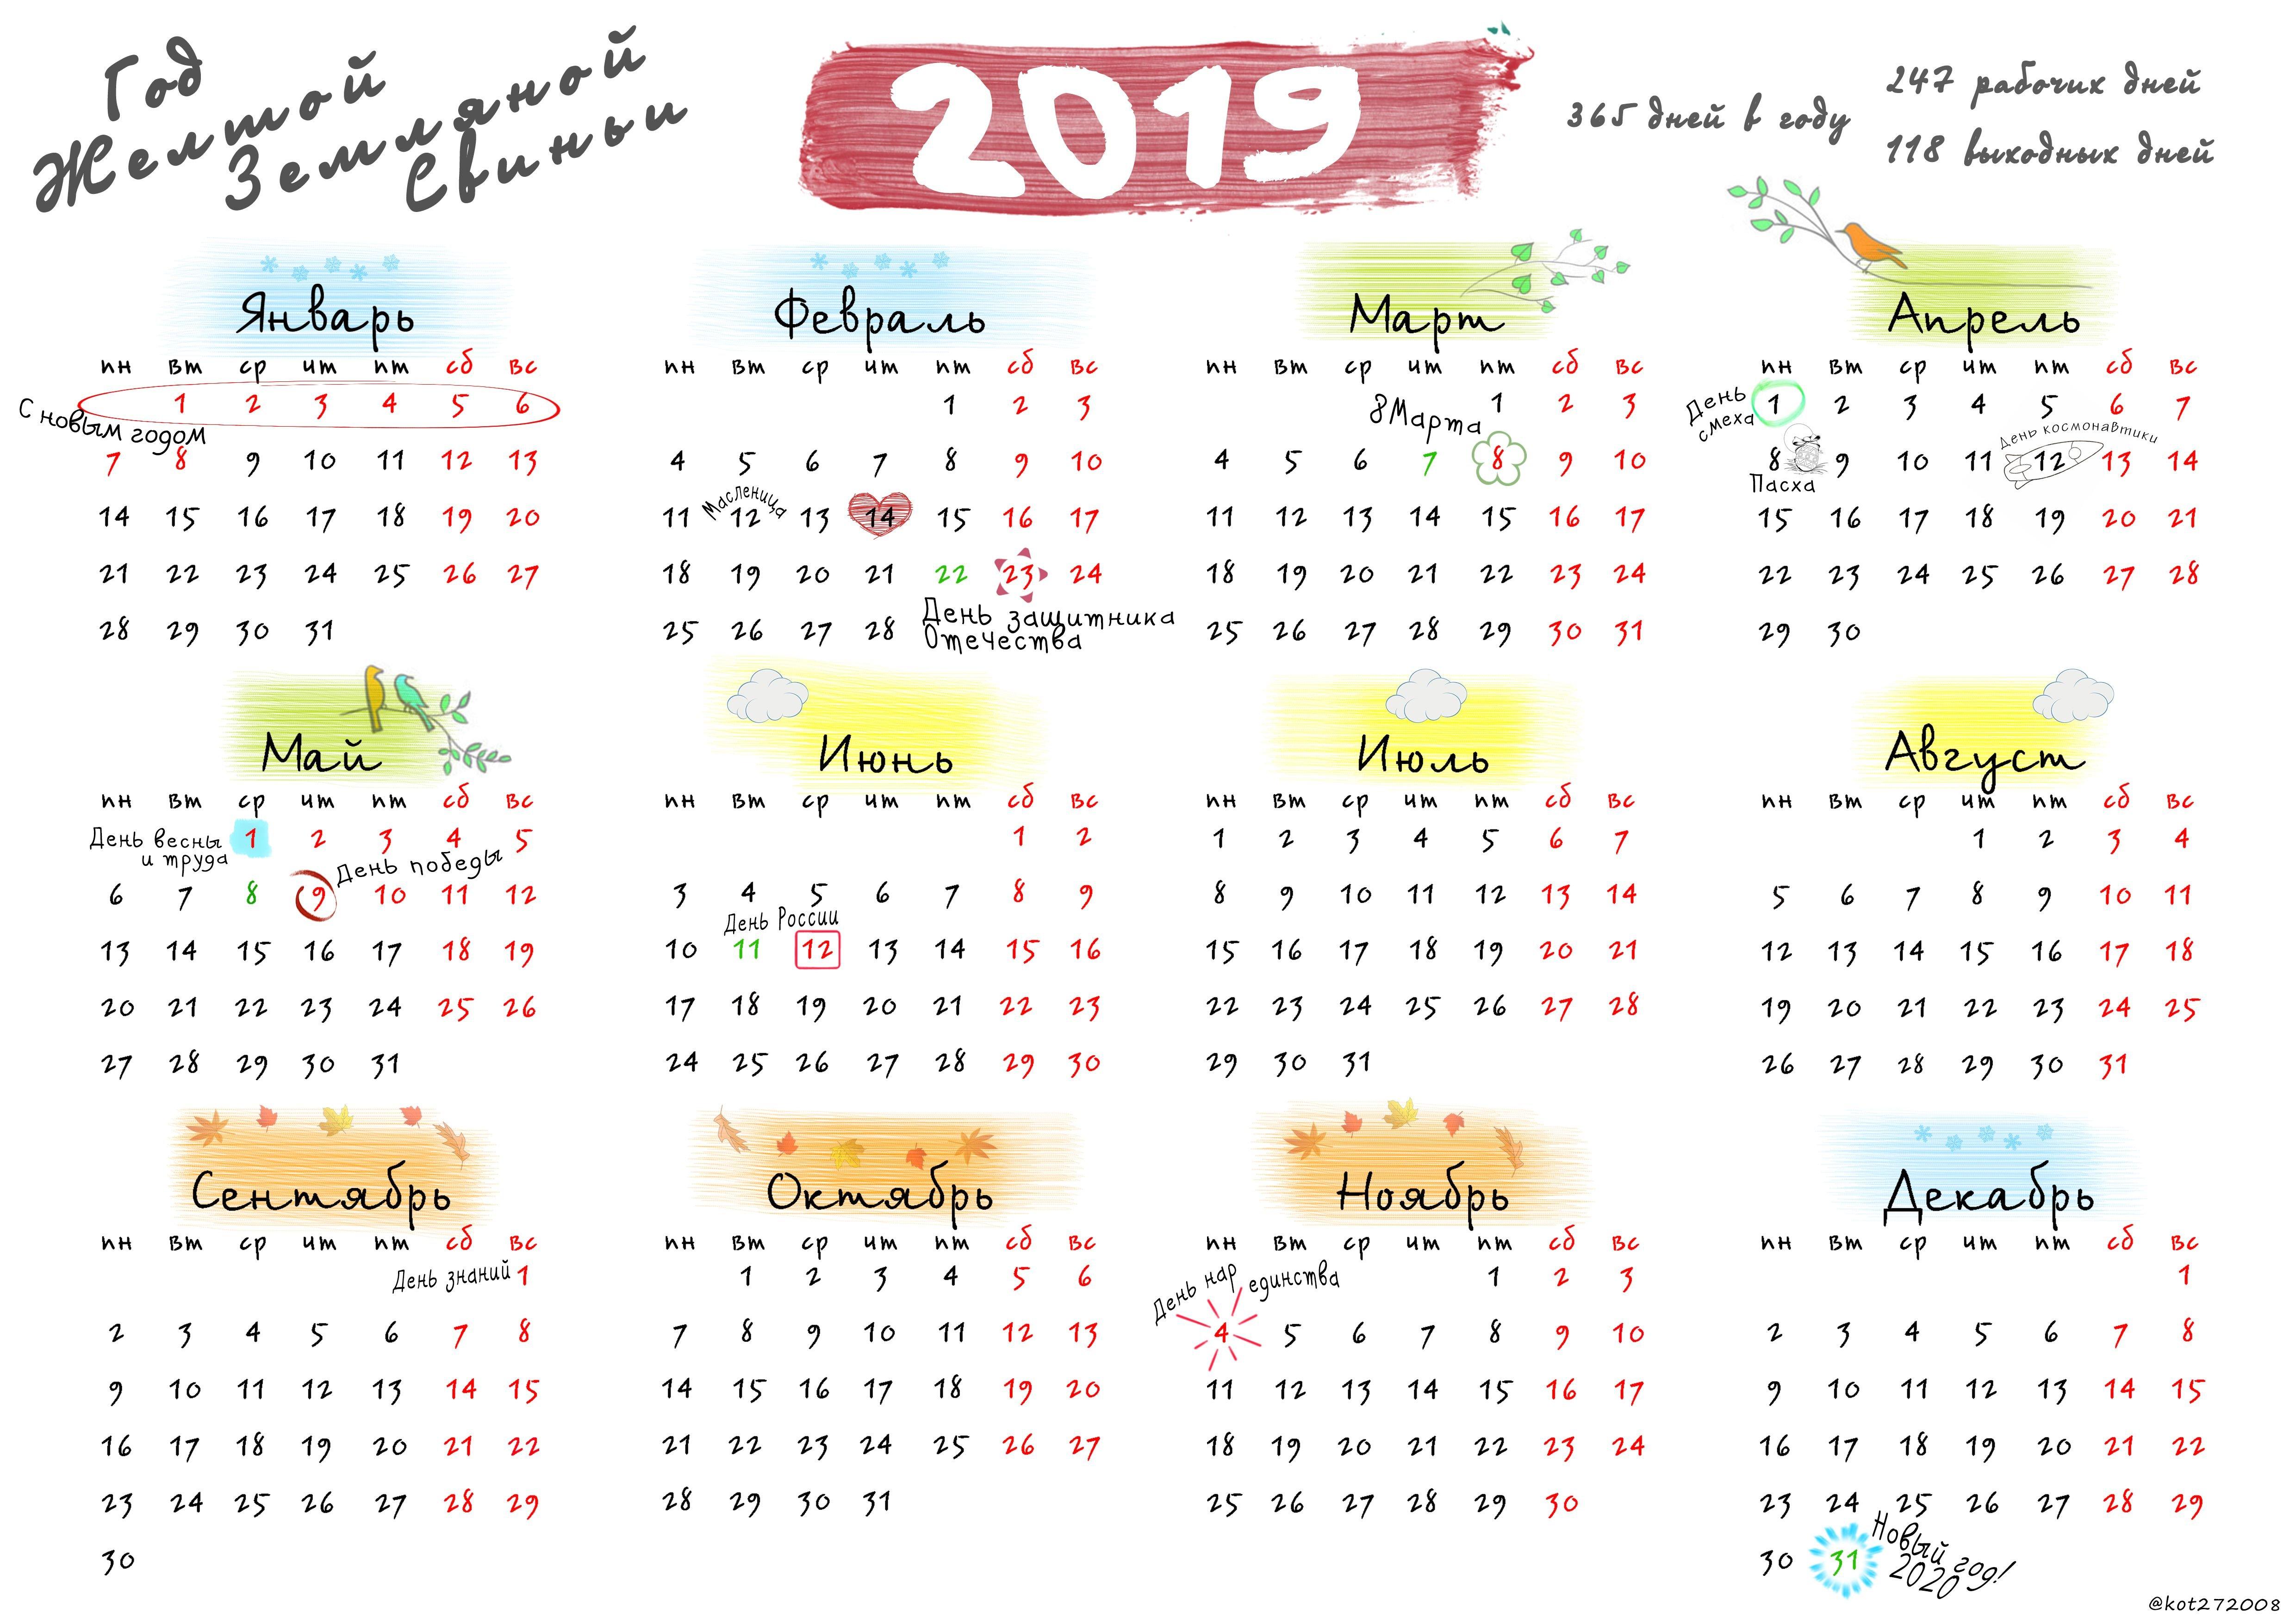 Производственный Календарь 2019 Года – Production Calendar 2019 Calendar 9 2019